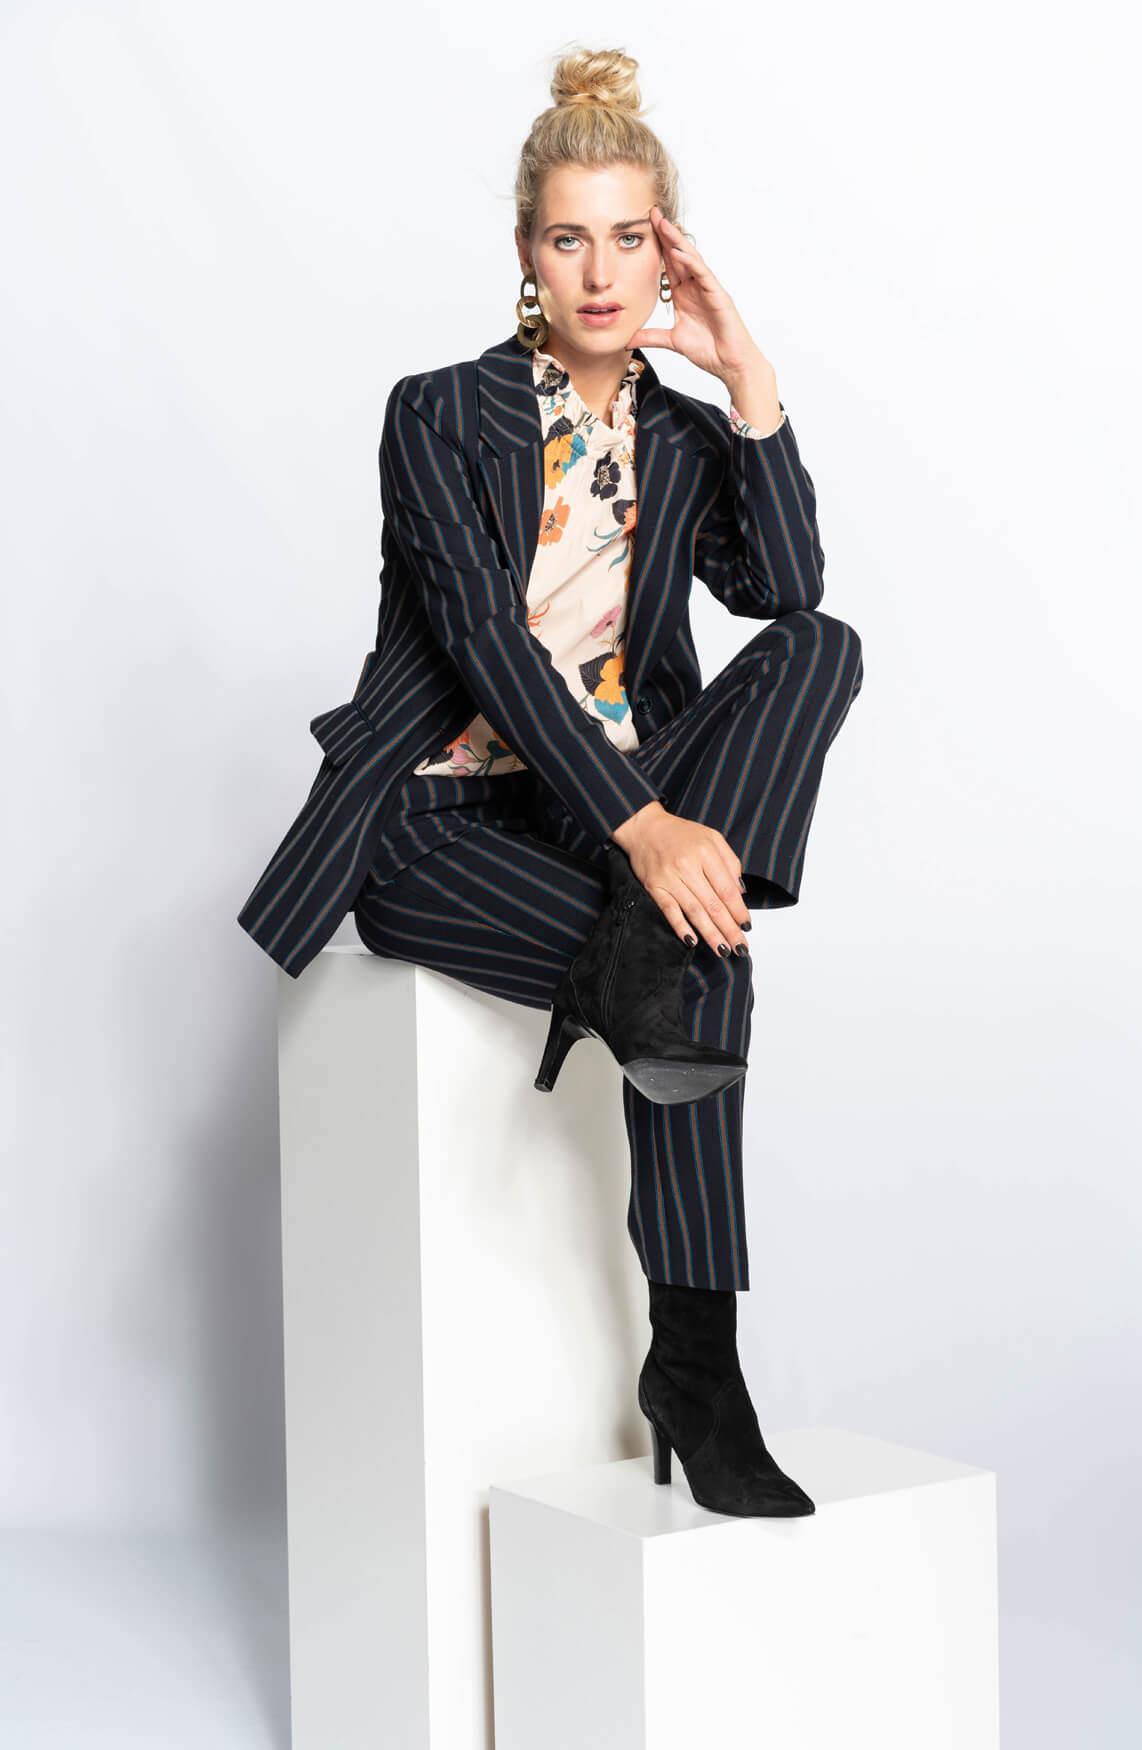 Dames The classy suit